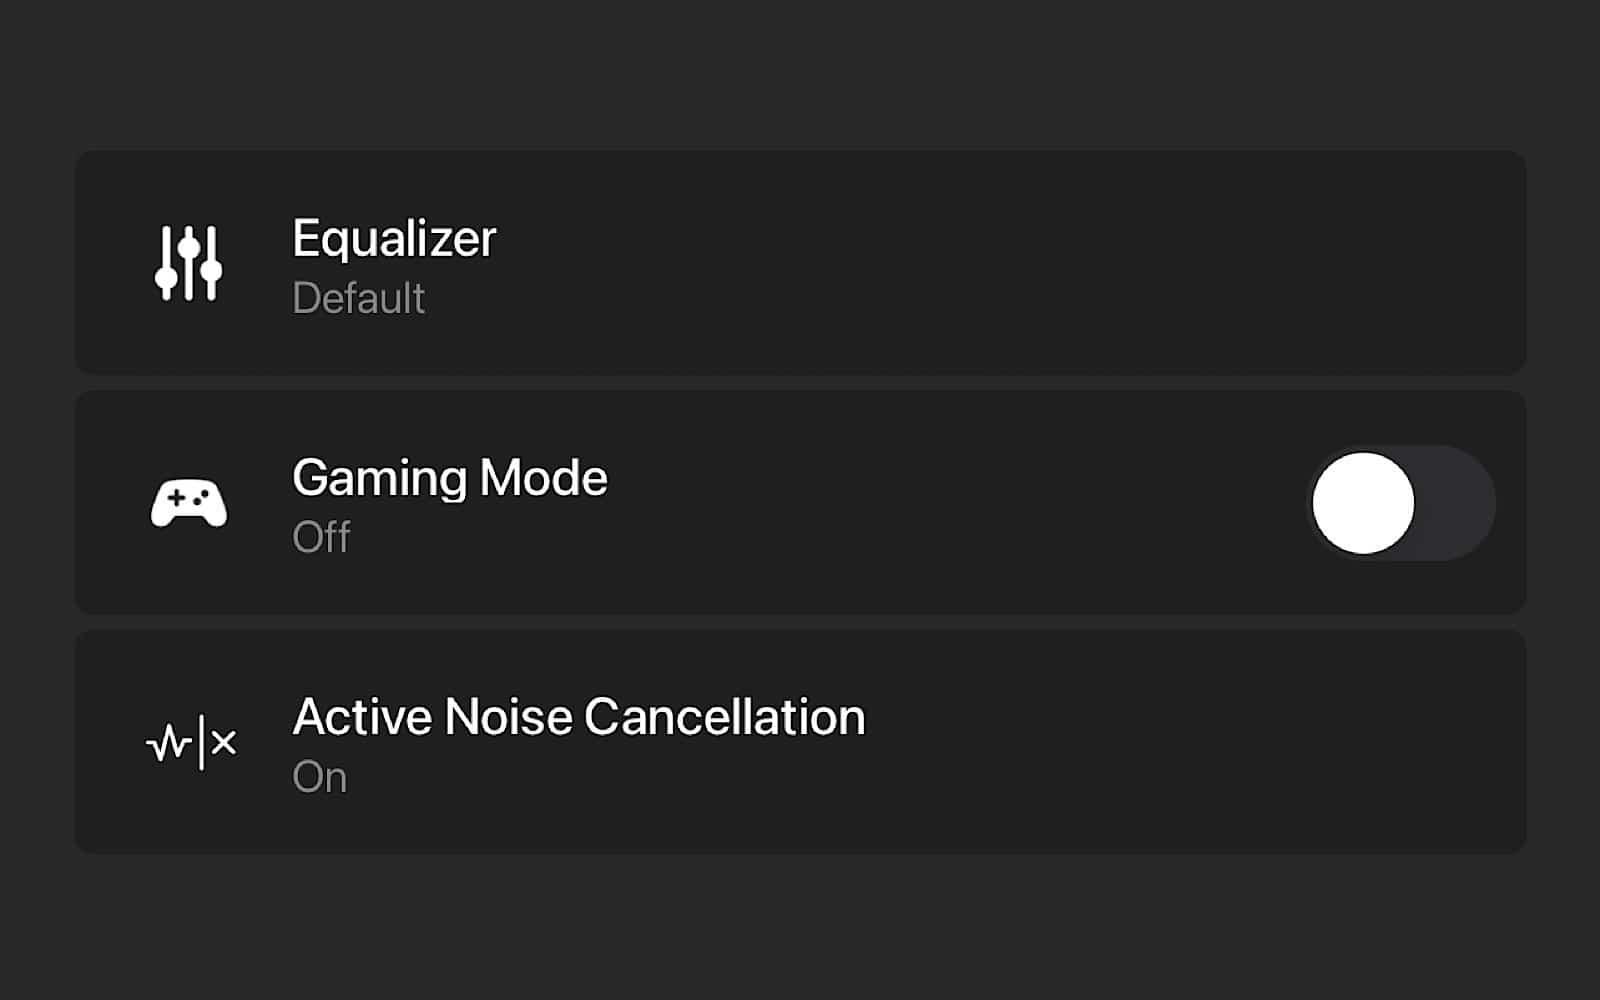 Razer's app is pretty basic